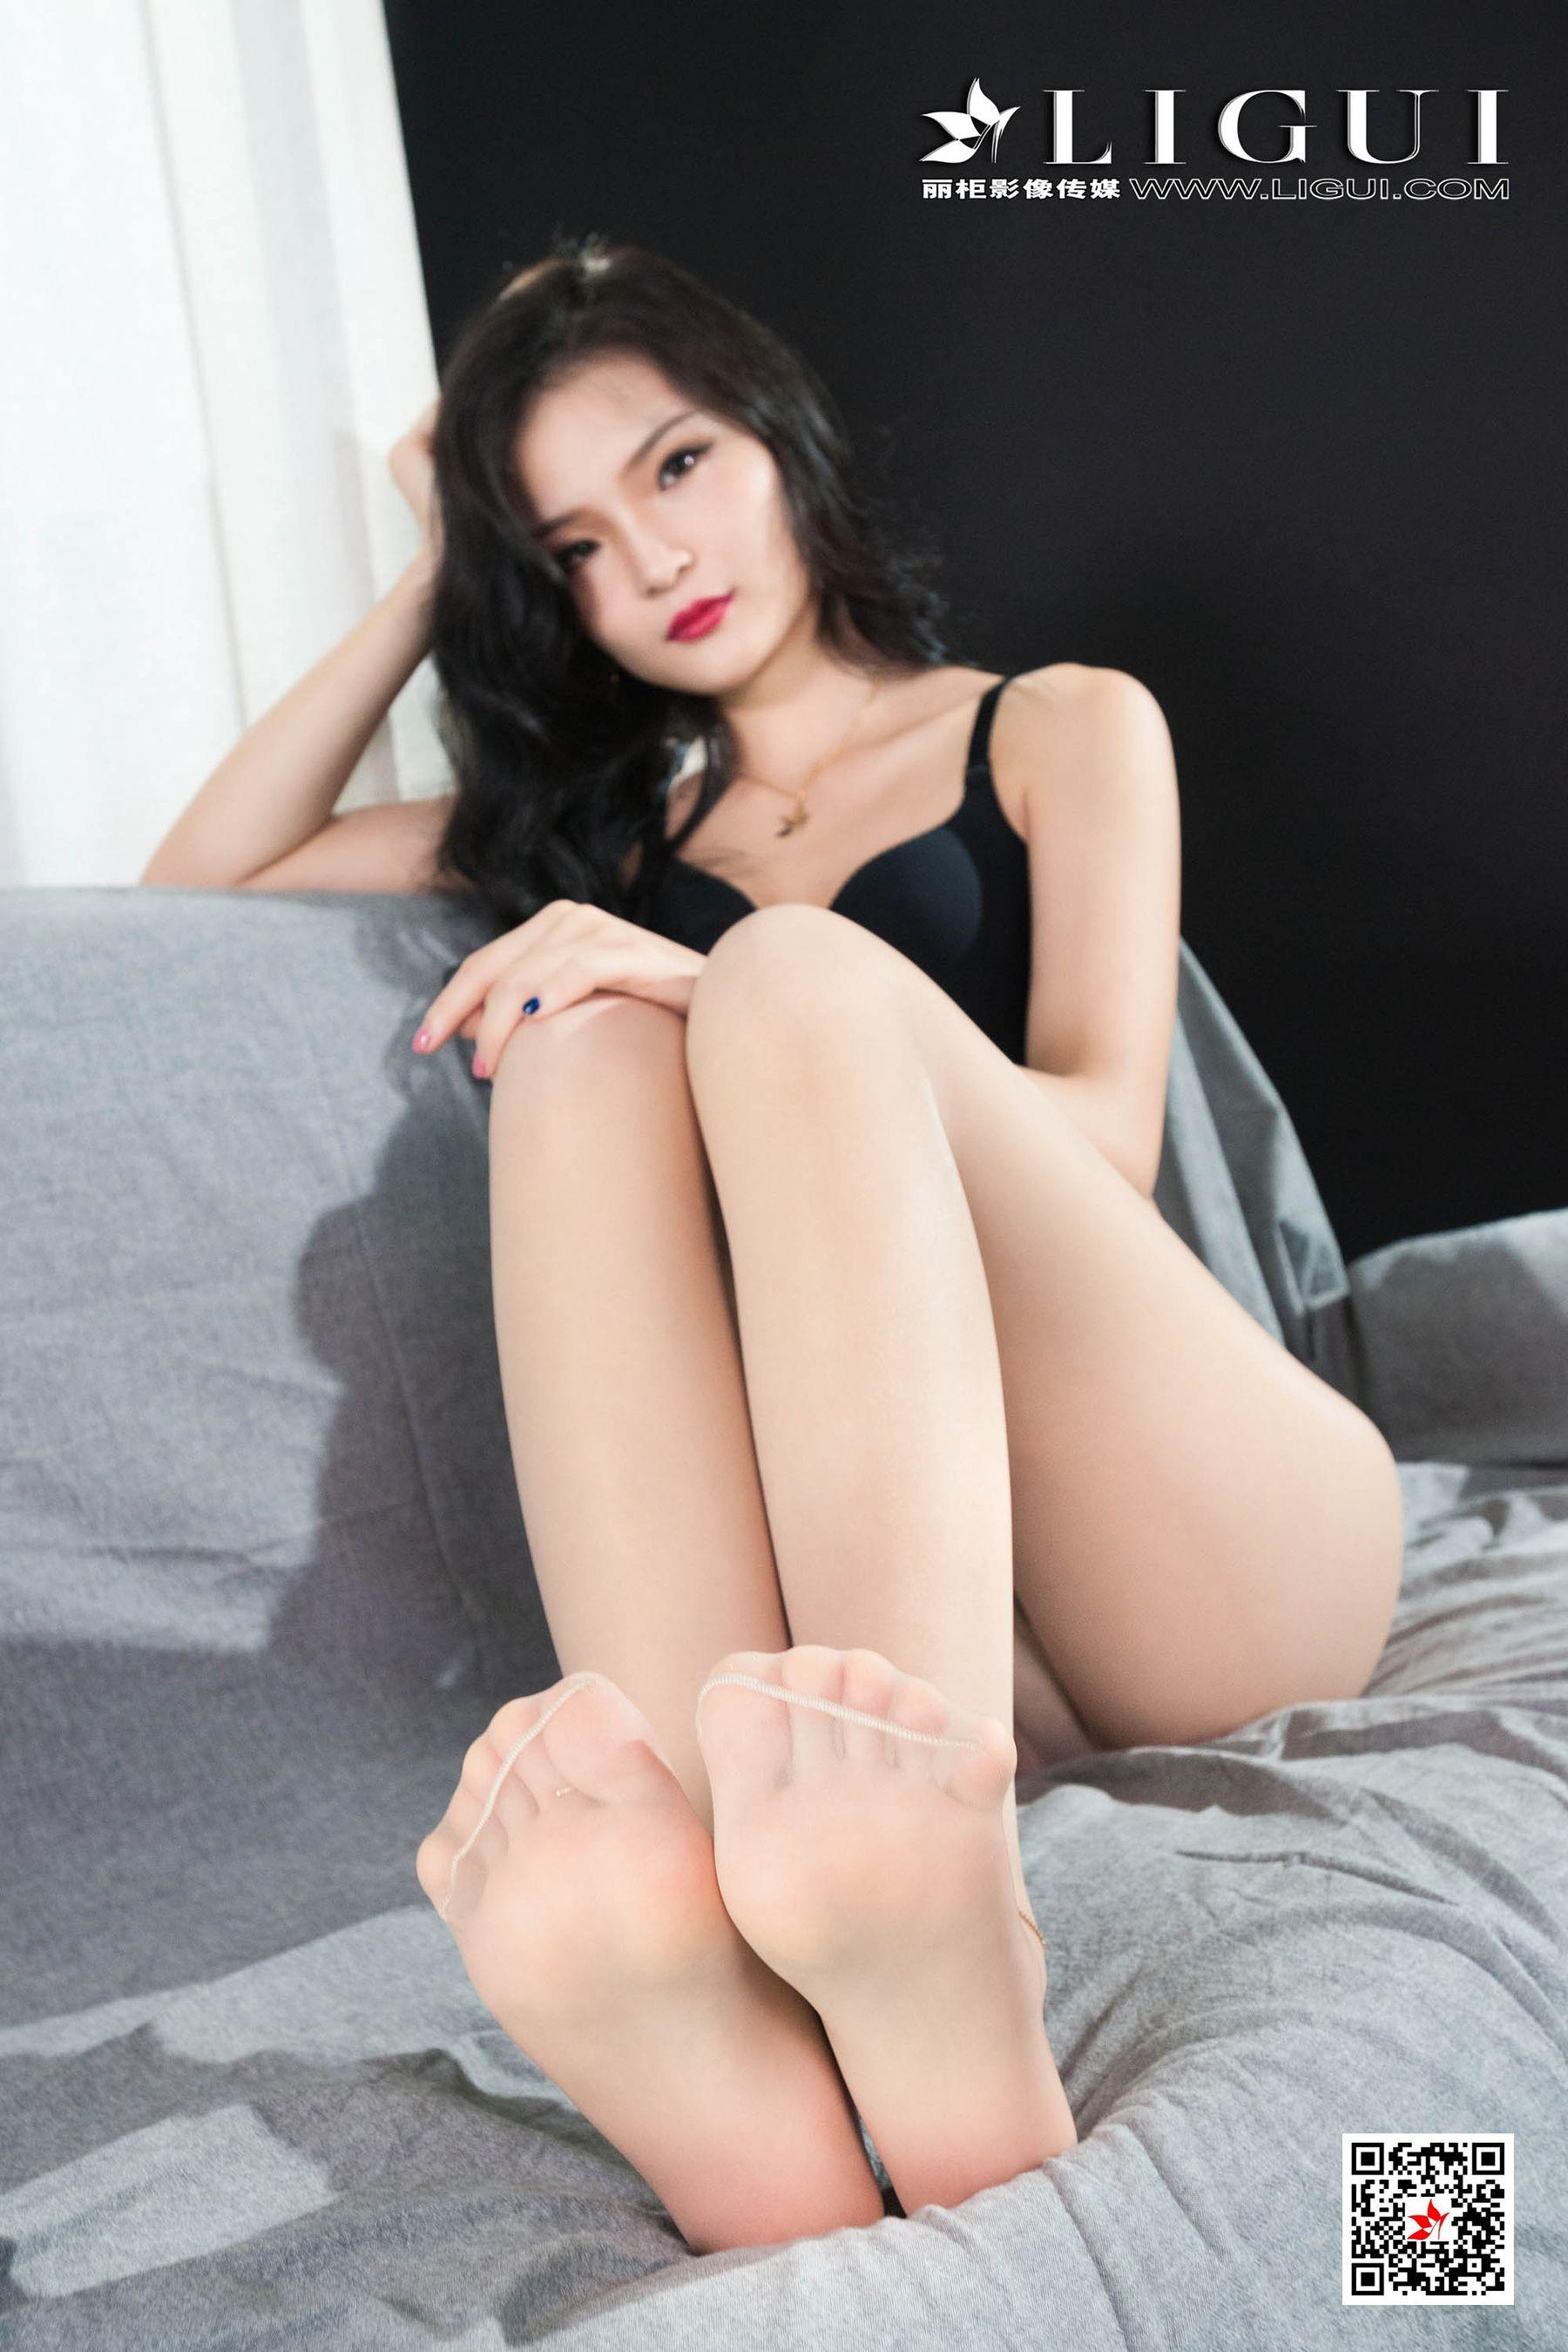 图片[6] - [丽柜Ligui] Model 苏黎 《肉丝袜丽人》 写真集[62P] - 唯独你没懂